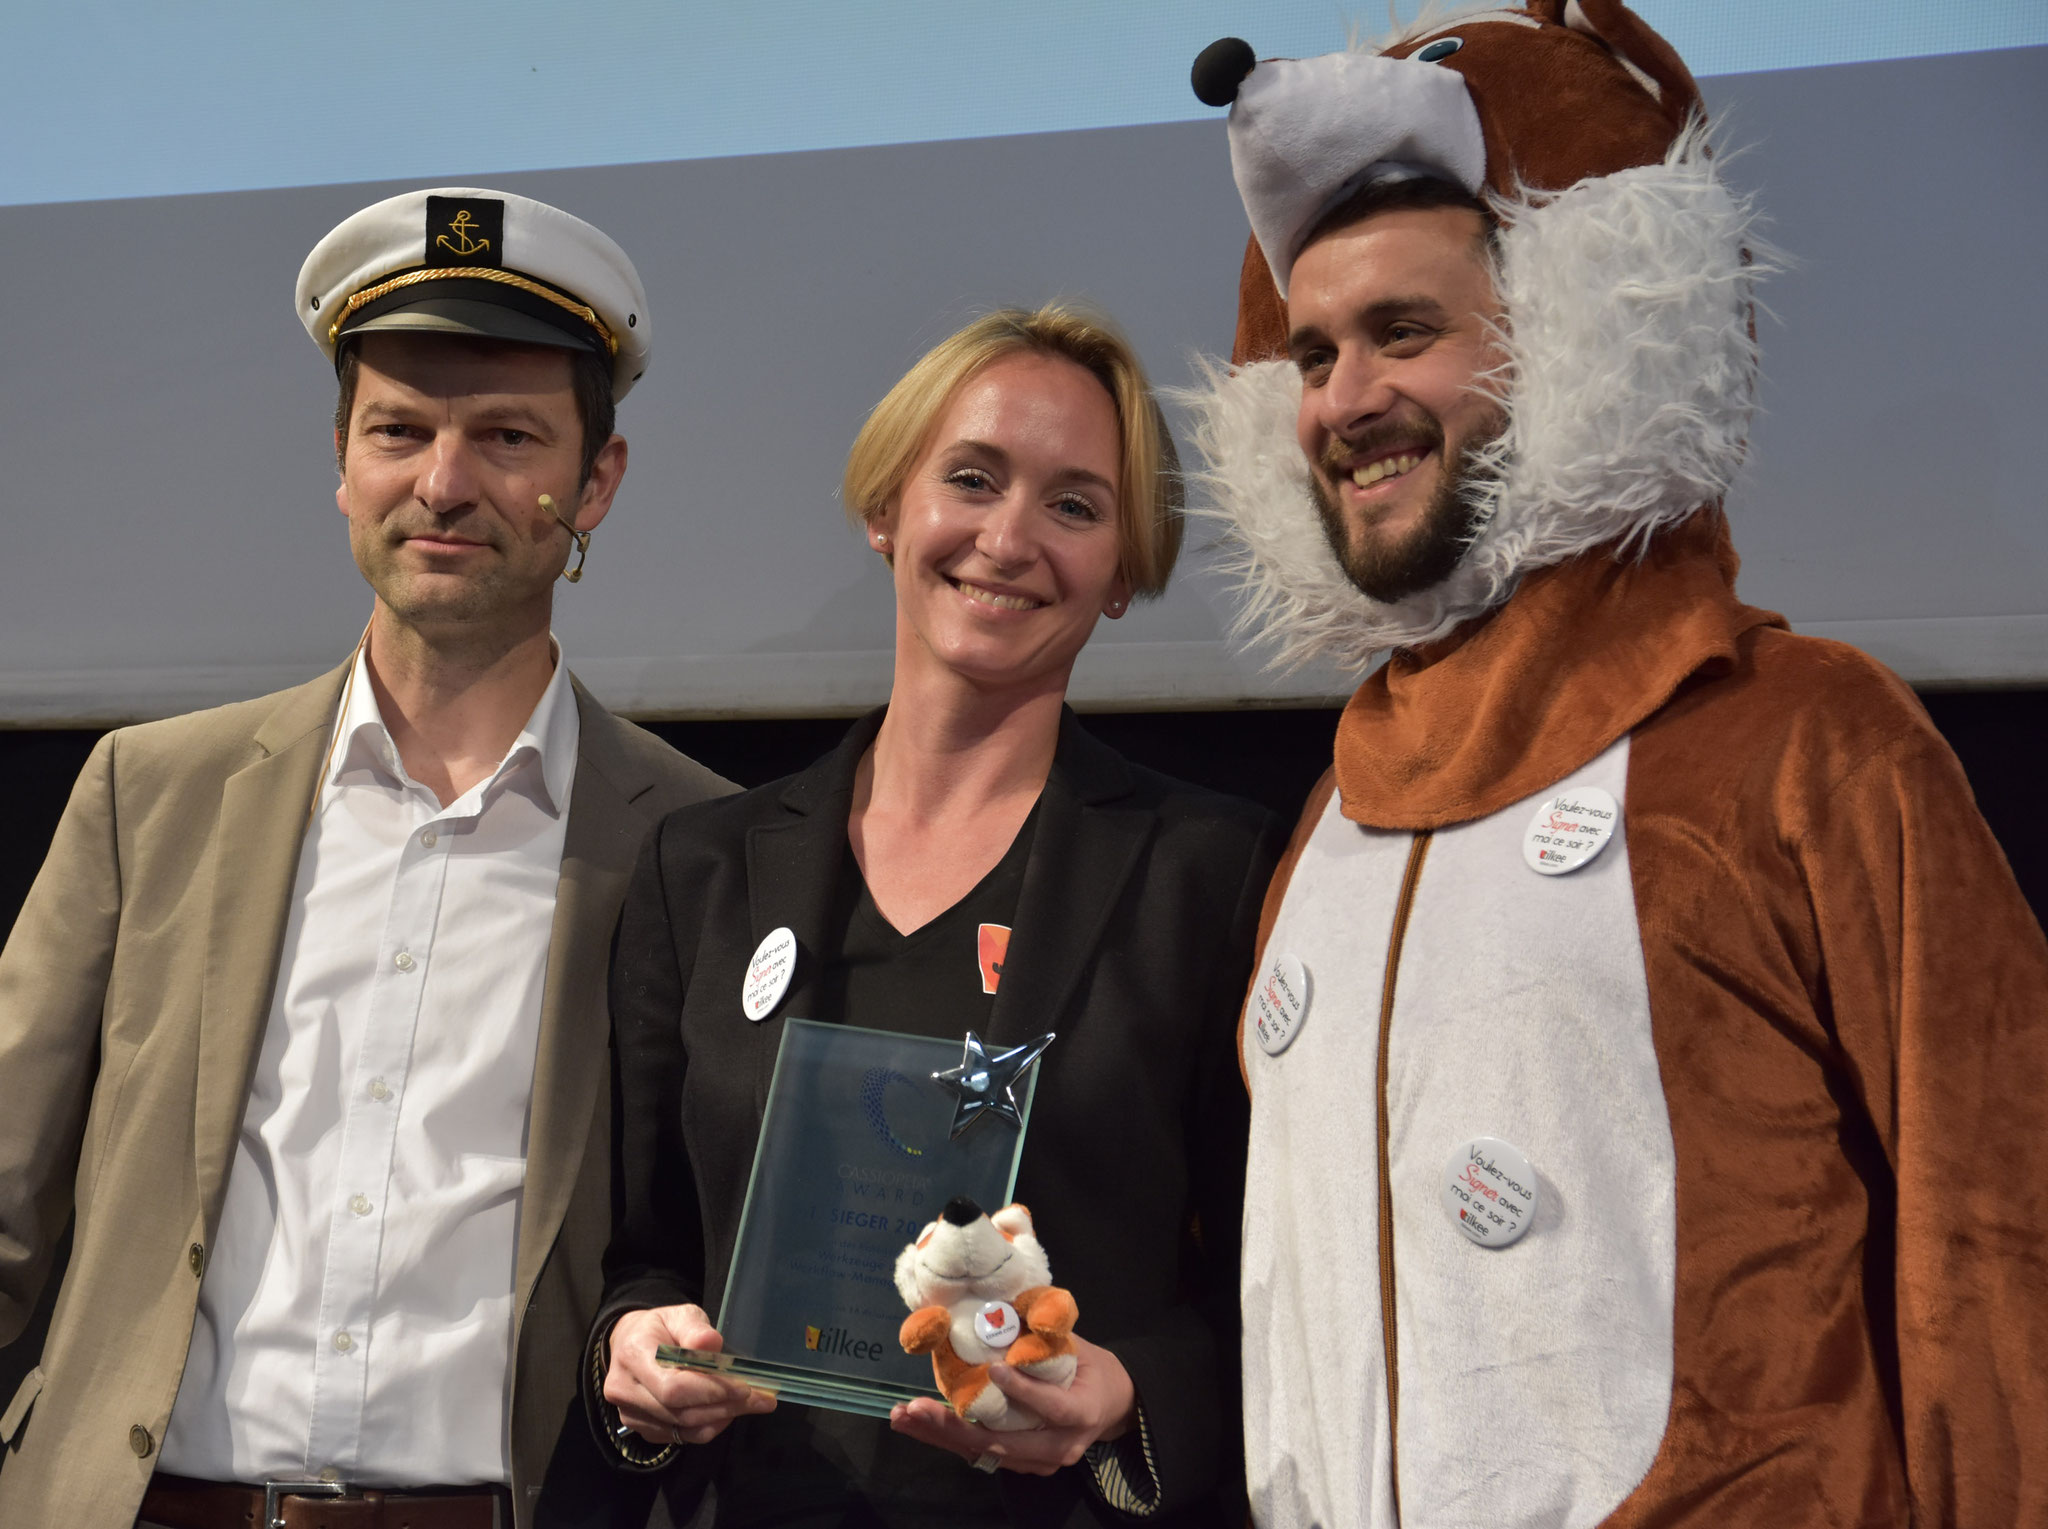 Ein verdienter 1. Platz für Tilkee in der Kategorie Werkzeuge und Workflow-Management